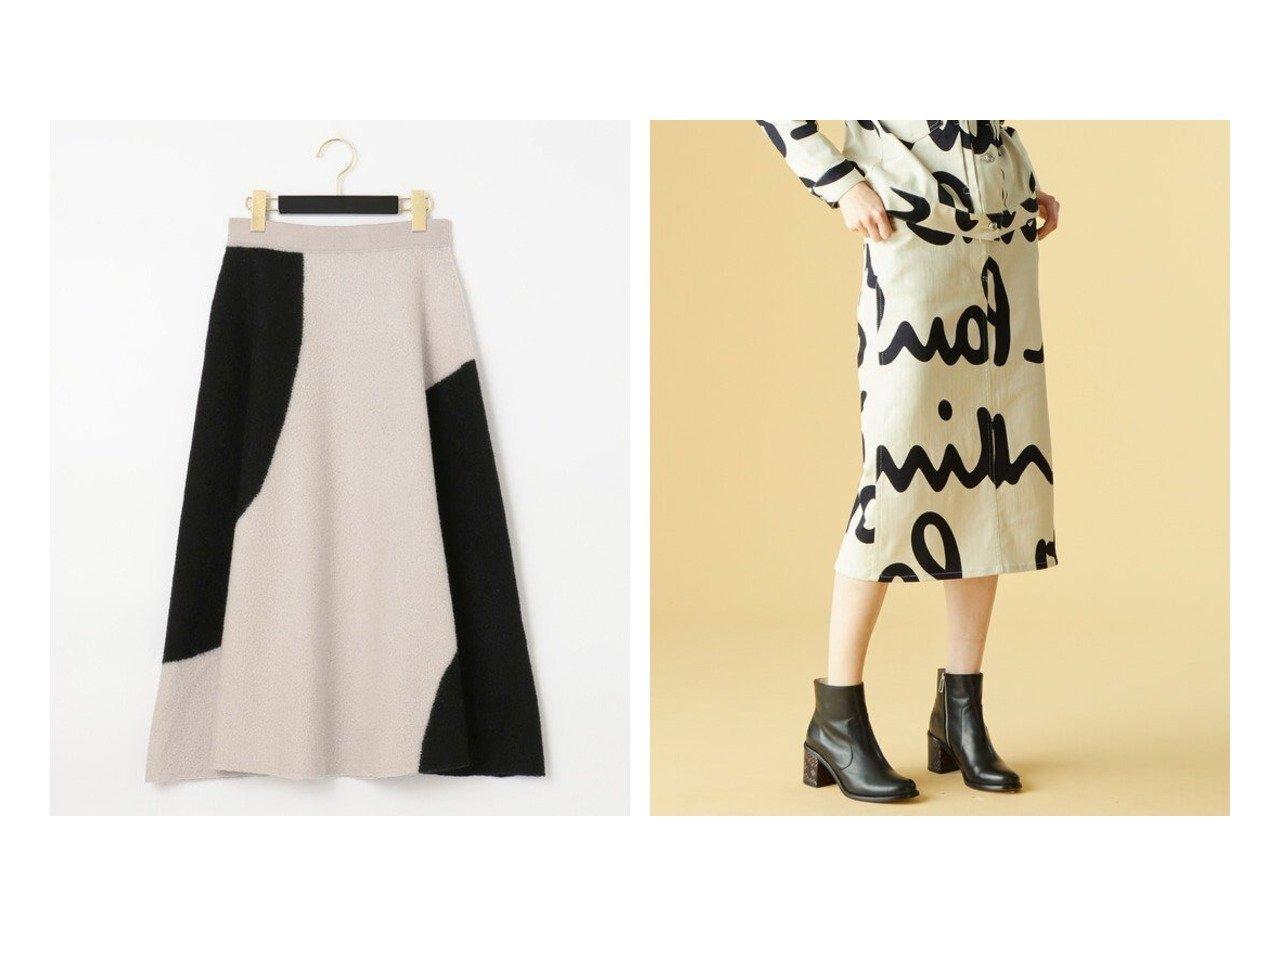 【Paul Smith/ポール・スミス】の【Catwalk Collection AW20】プリンテッド ロゴツイル スカート&【GRACE CONTINENTAL/グレース コンチネンタル】の配色パターン圧縮スカート スカートのおすすめ!人気、レディースファッションの通販 おすすめで人気のファッション通販商品 インテリア・家具・キッズファッション・メンズファッション・レディースファッション・服の通販 founy(ファニー) https://founy.com/ ファッション Fashion レディース WOMEN スカート Skirt クラシック グラフィック コレクション シンプル ジャケット ストレッチ デニム ドット プリント 秋冬 A/W Autumn/ Winter 冬 Winter パターン フェミニン  ID:crp329100000000992